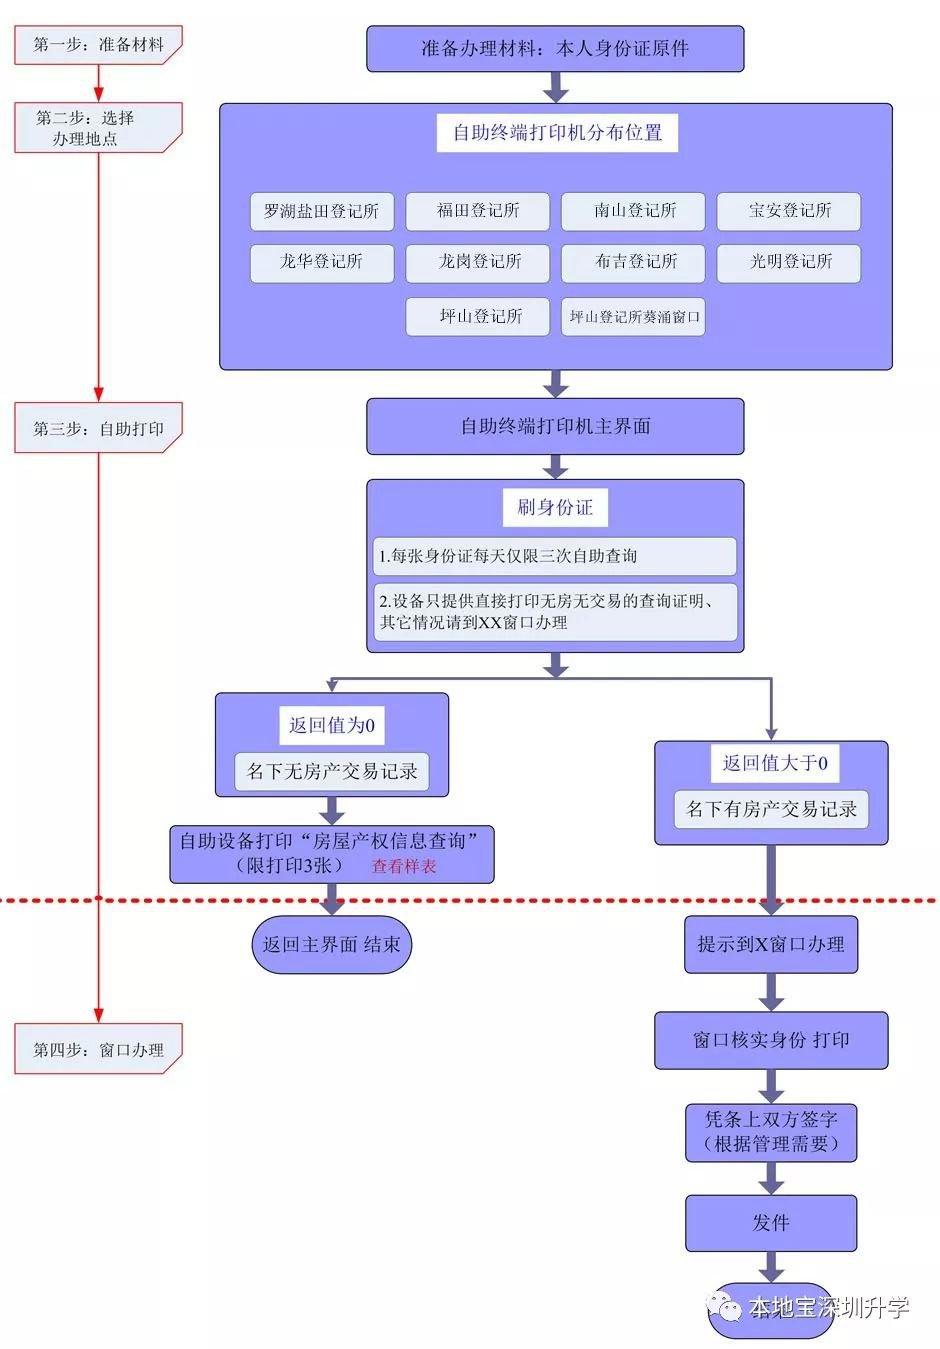 深圳無房證明現場打印流程(附流程圖)